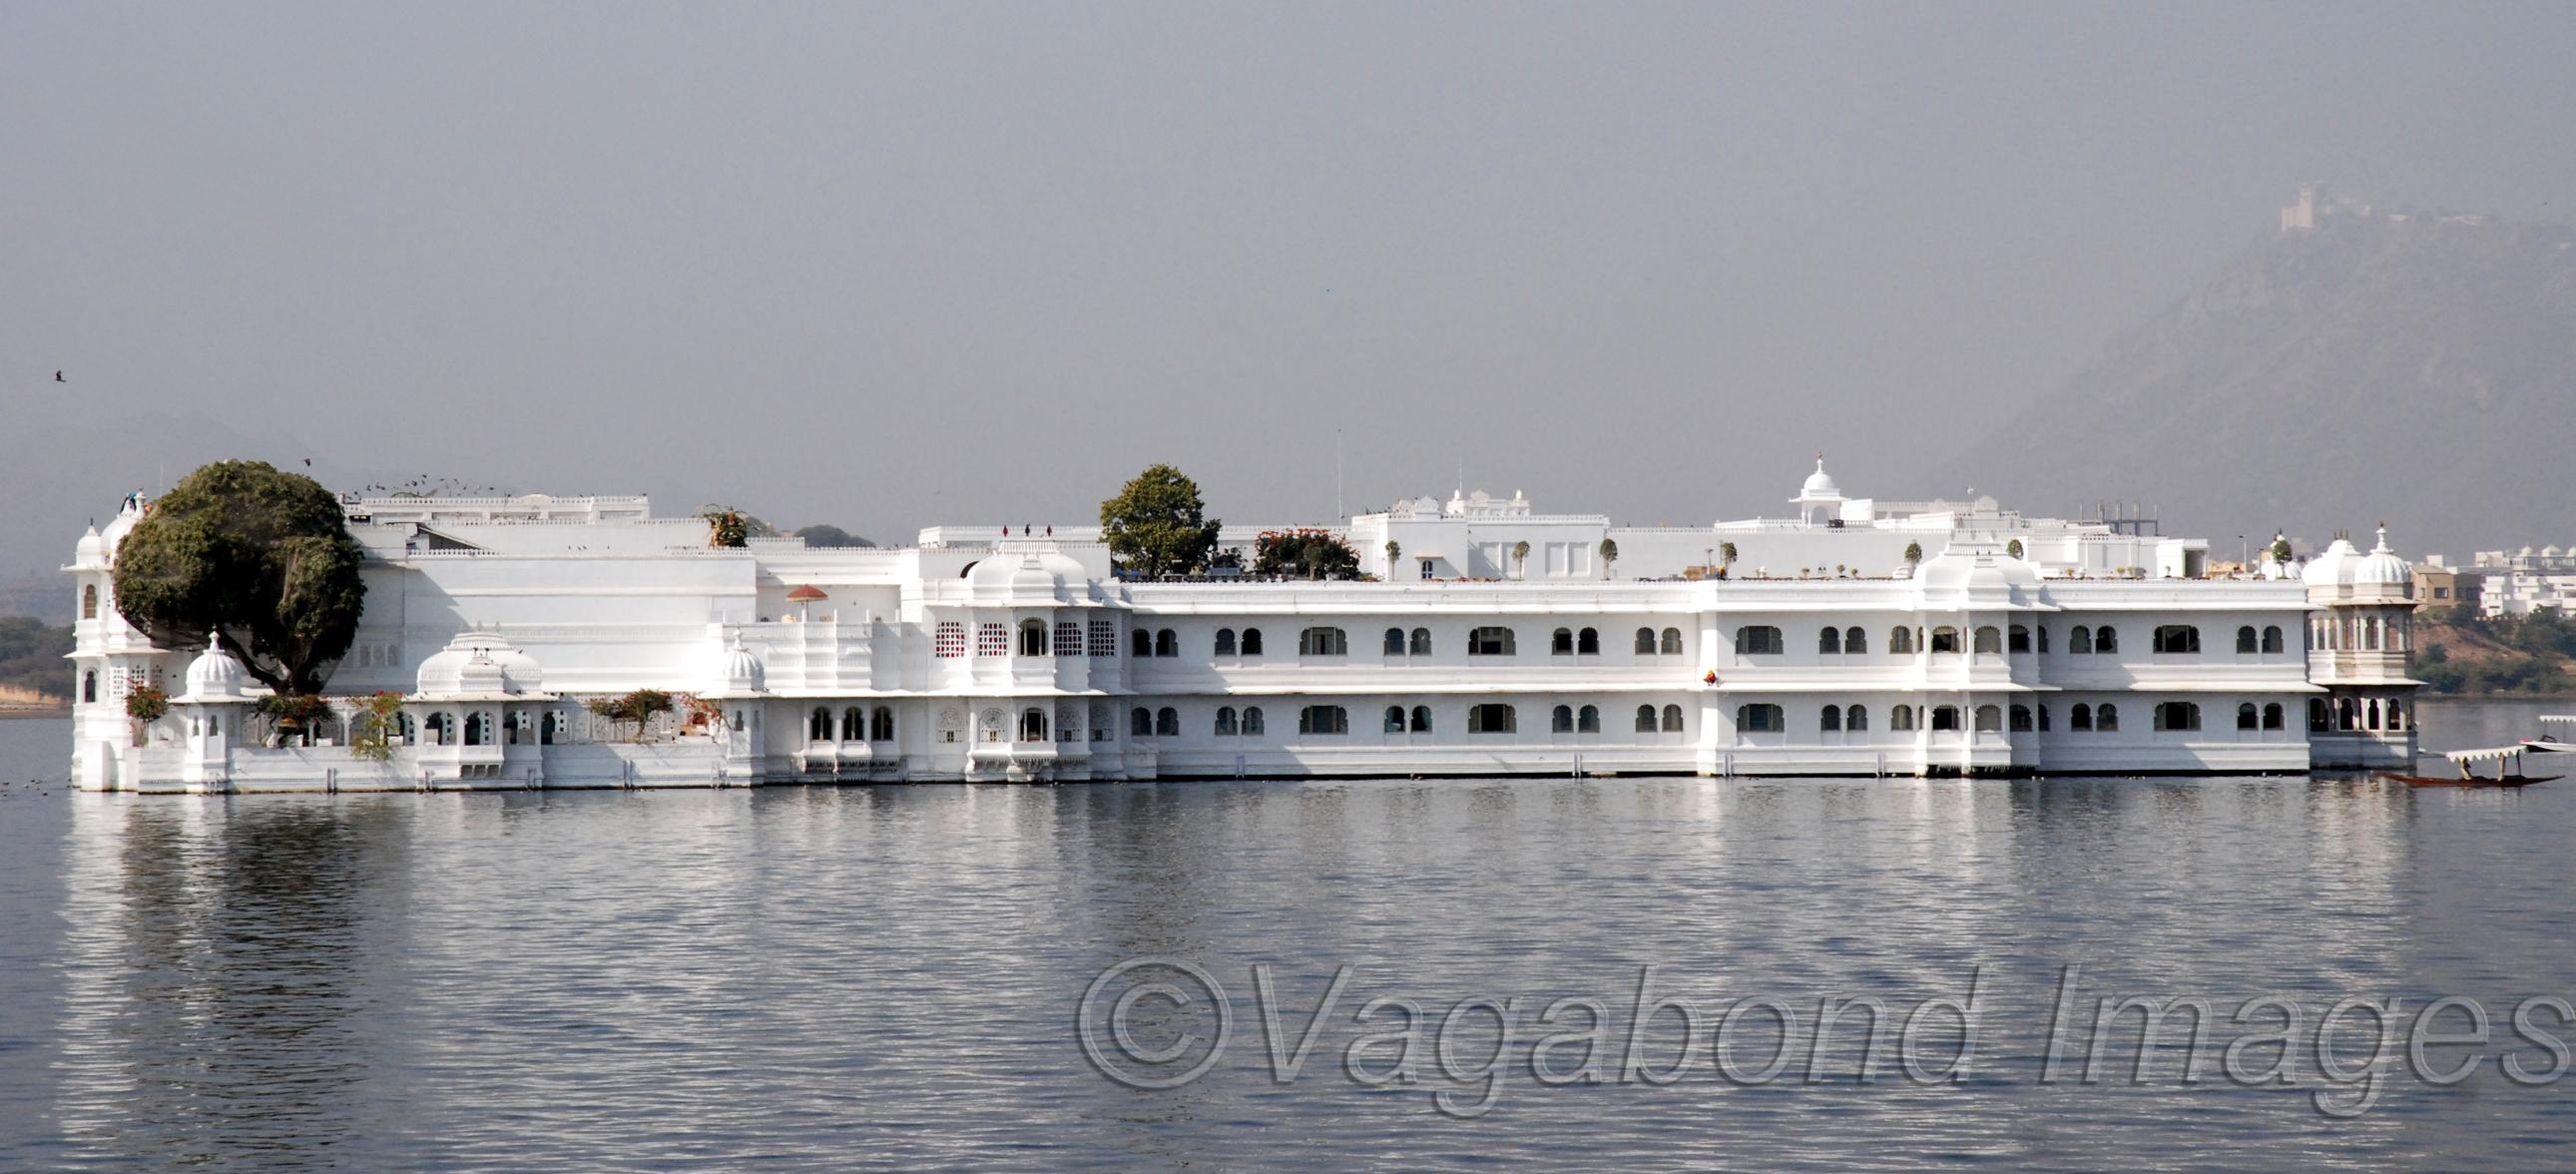 Udaipur Palace Name Lake Palace Udaipur